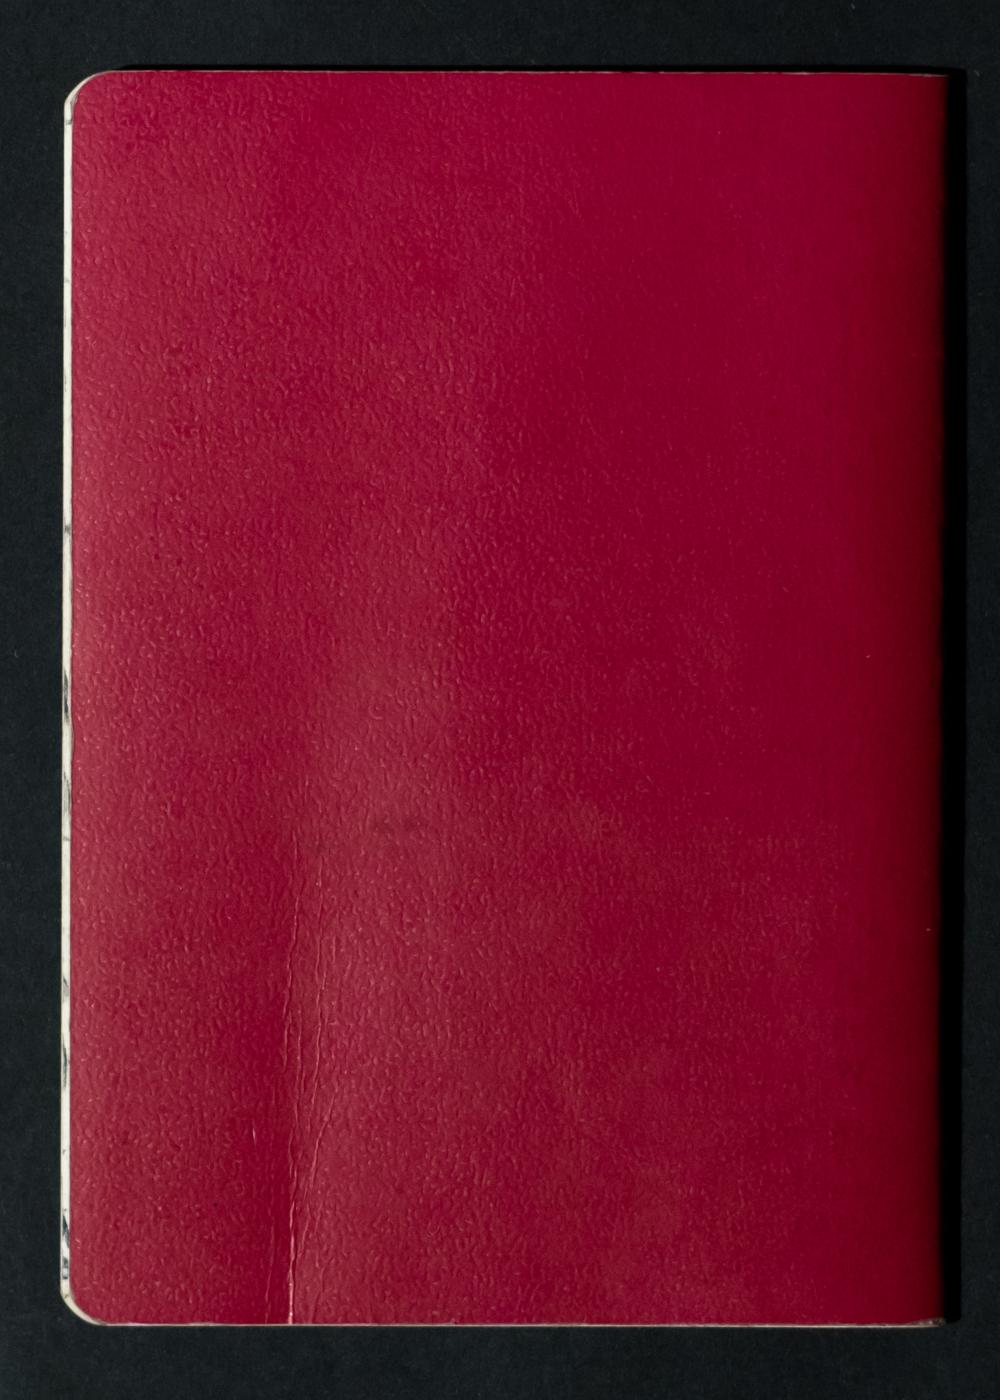 03-25 Back Cover.jpg